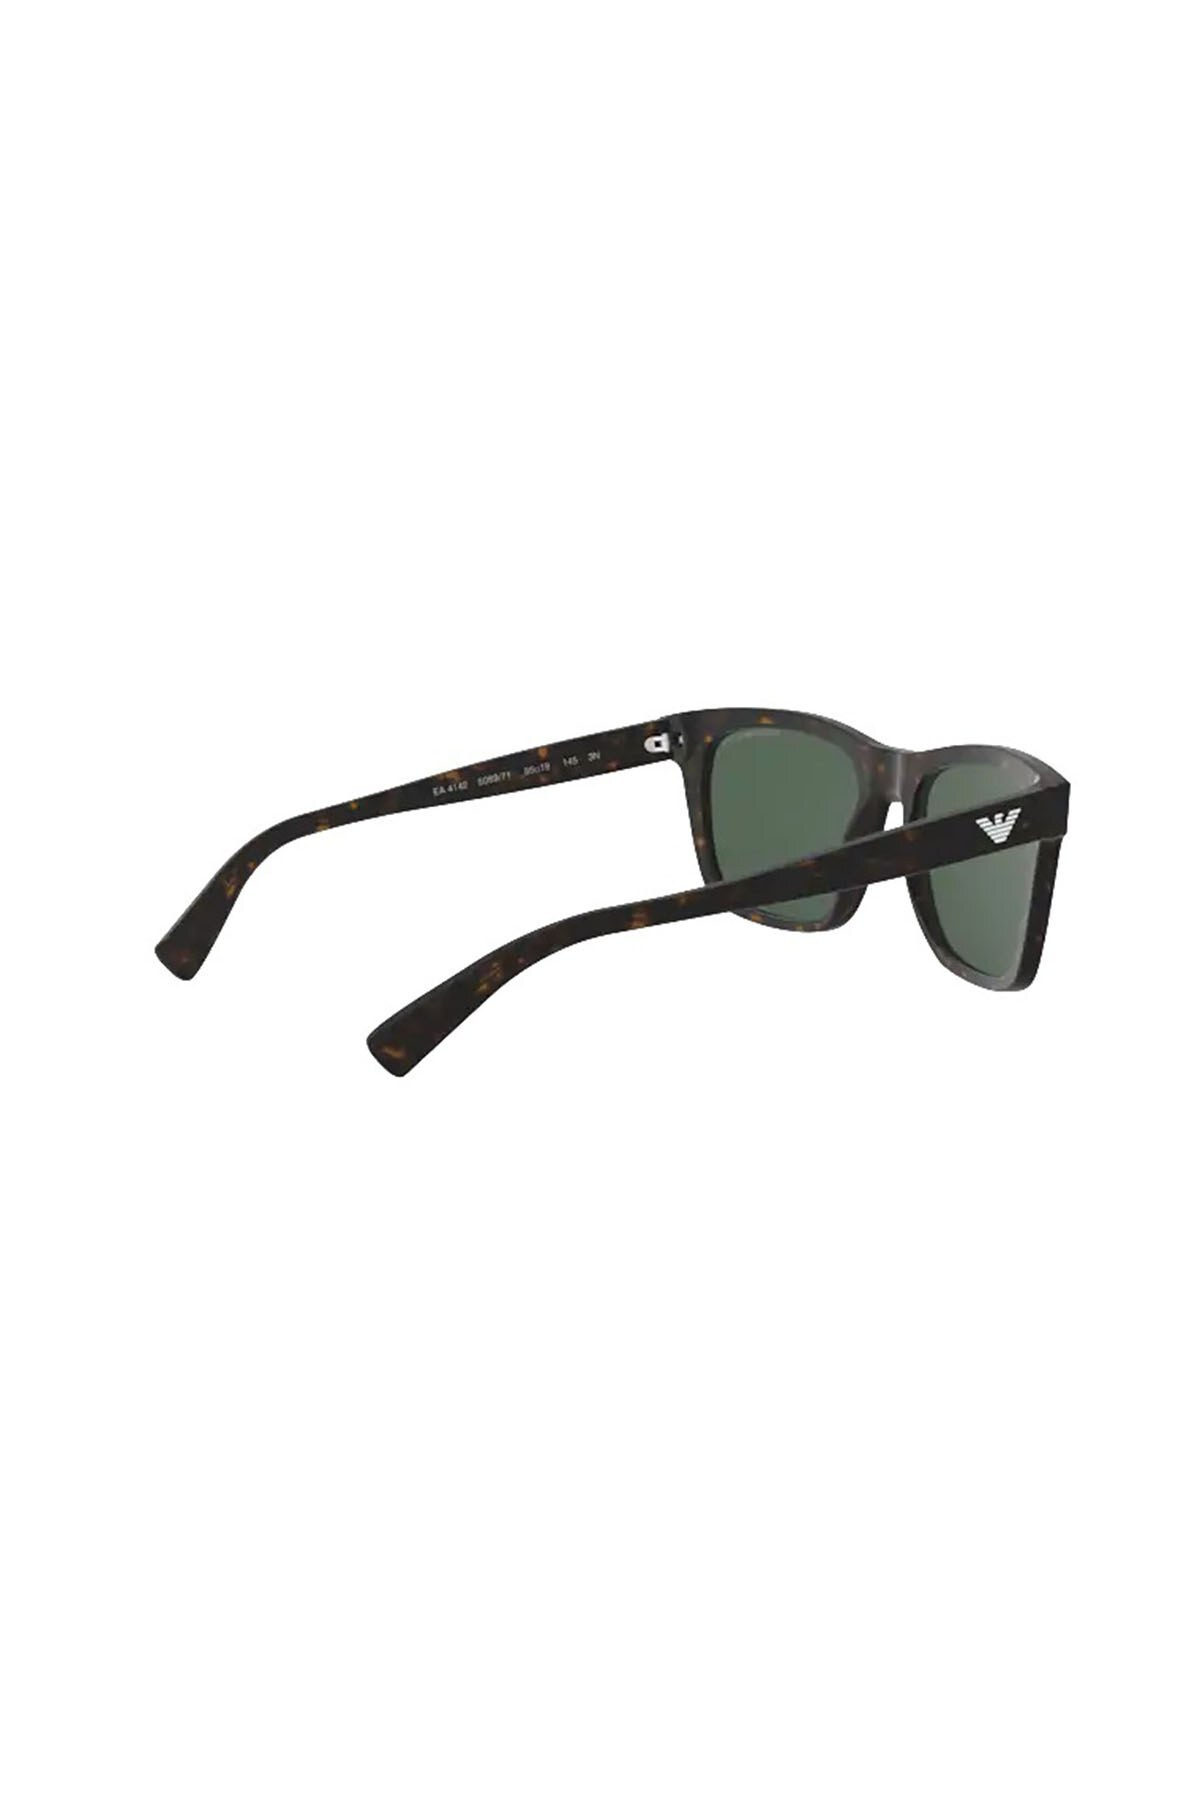 Emporio Armani Erkek Gözlük 0EA4142 508971 55 KAHVE